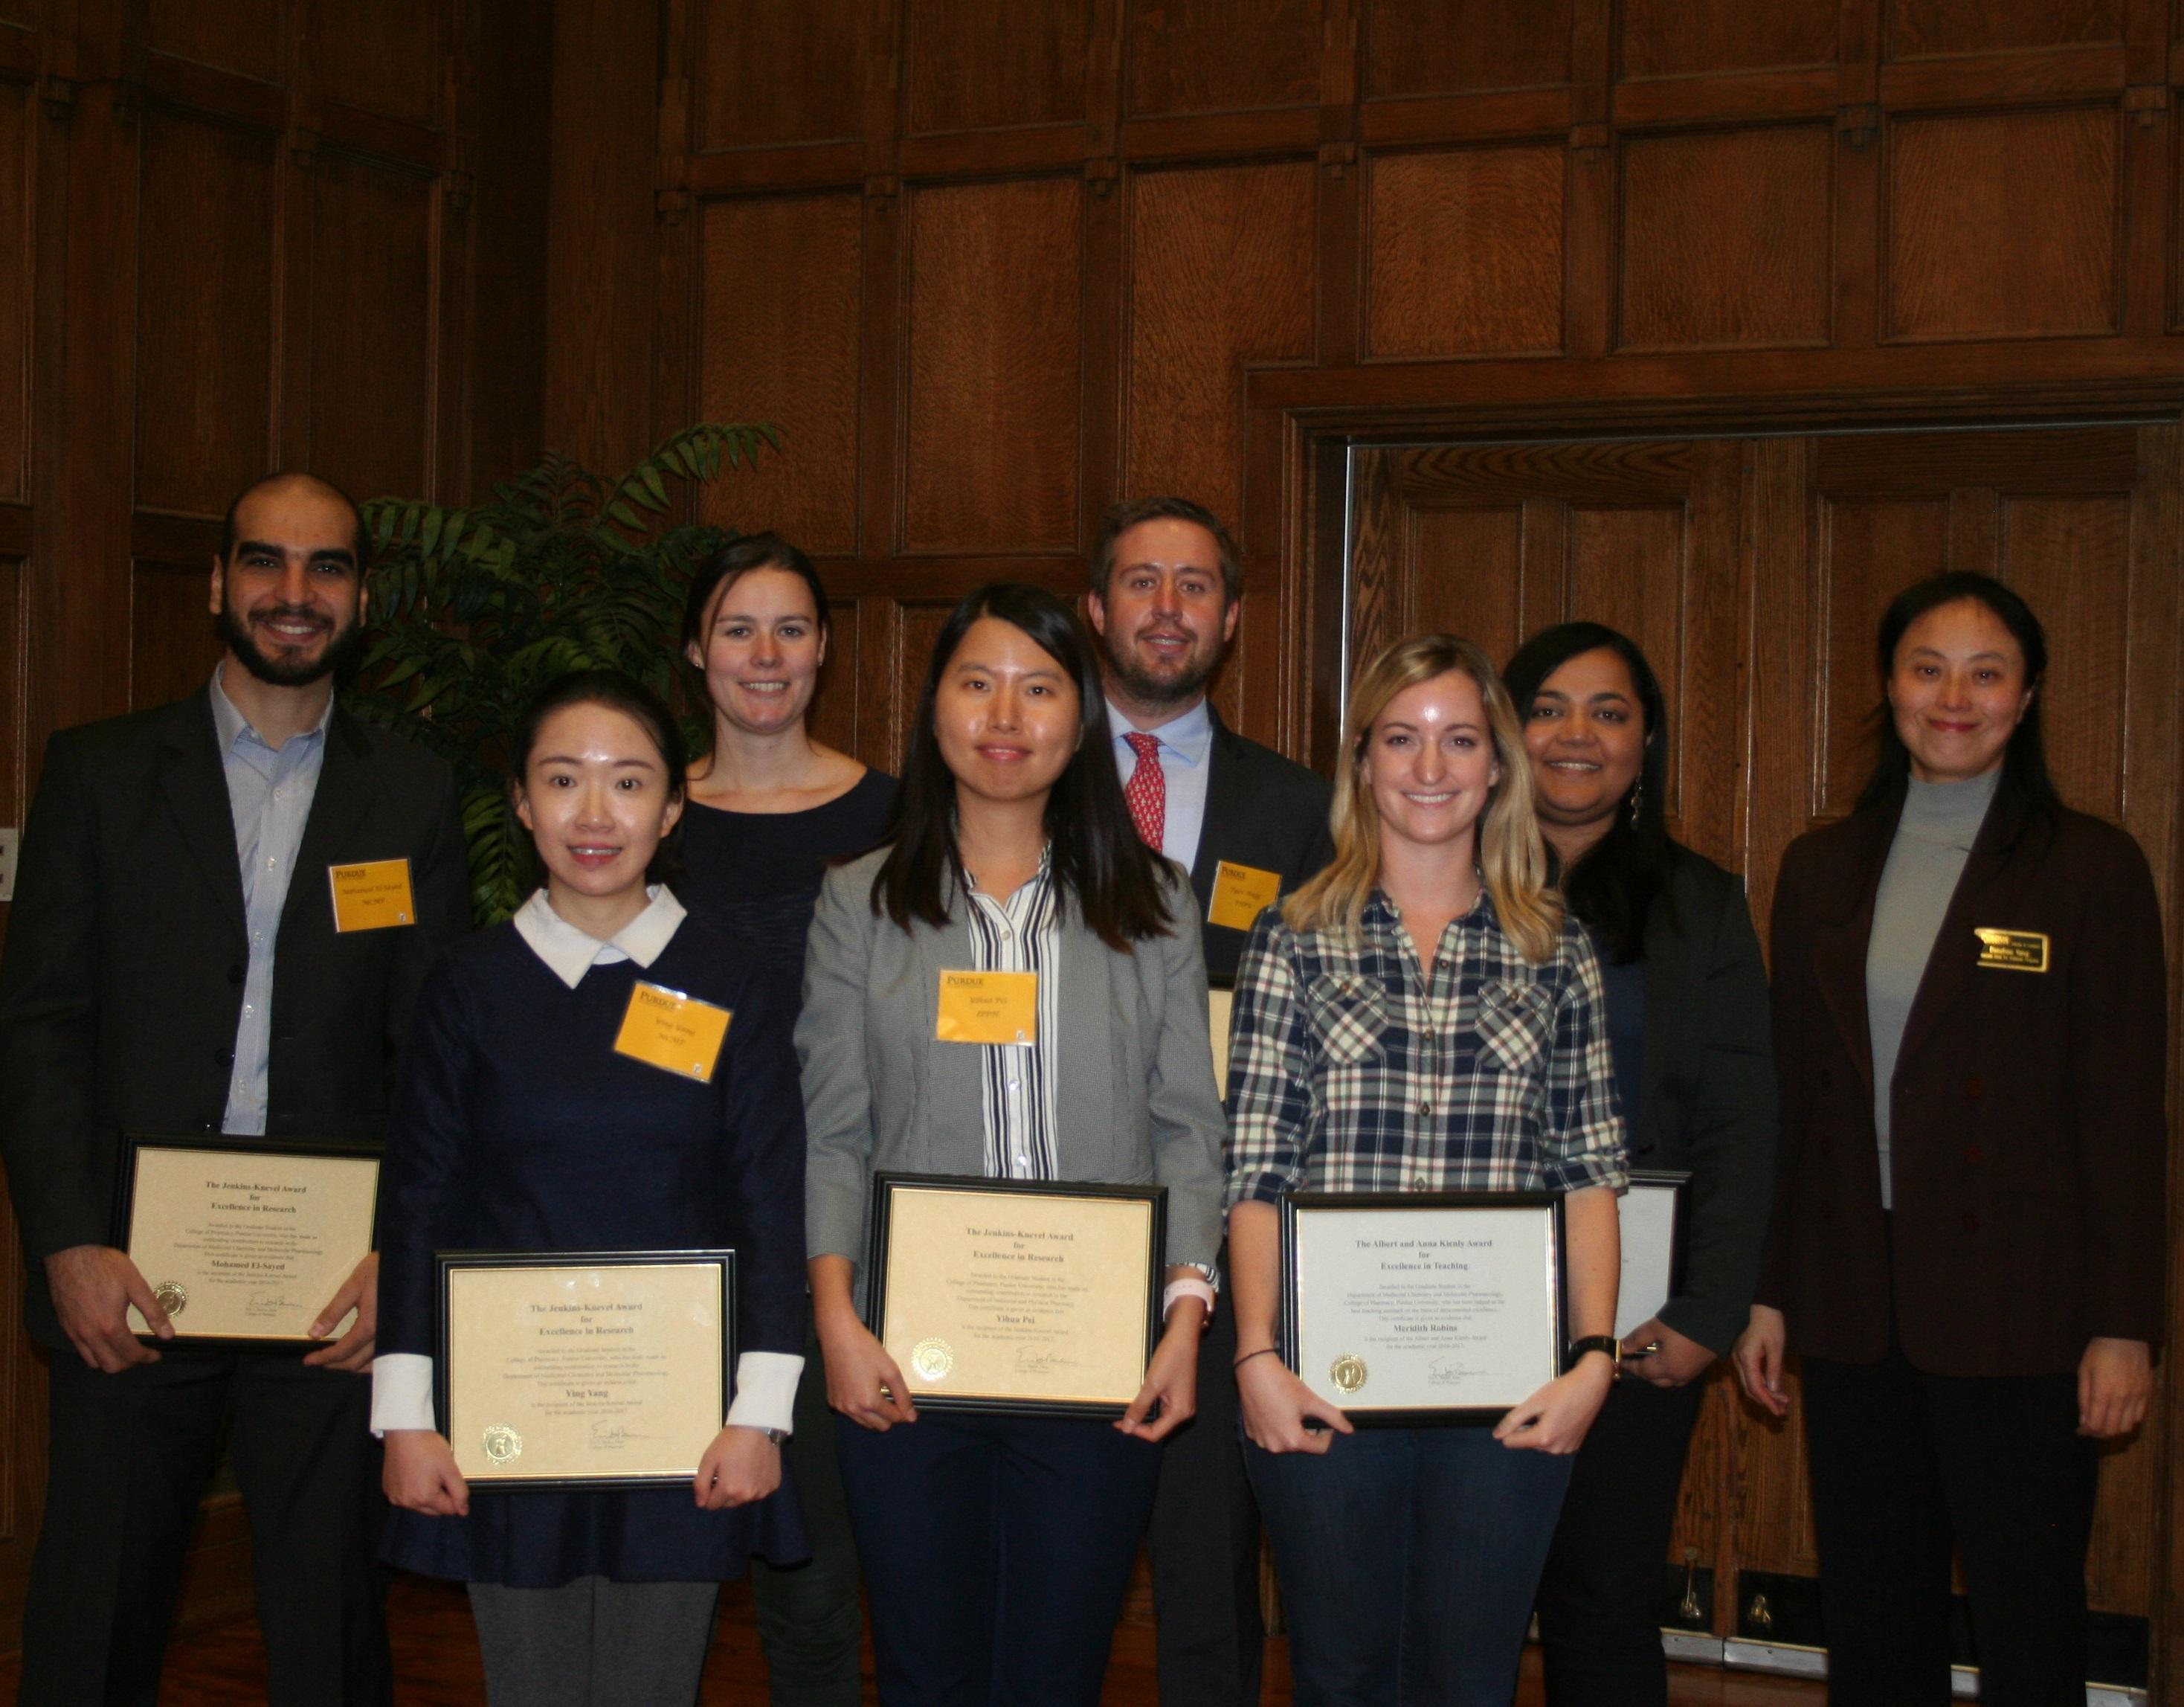 Graduate Award Recipients